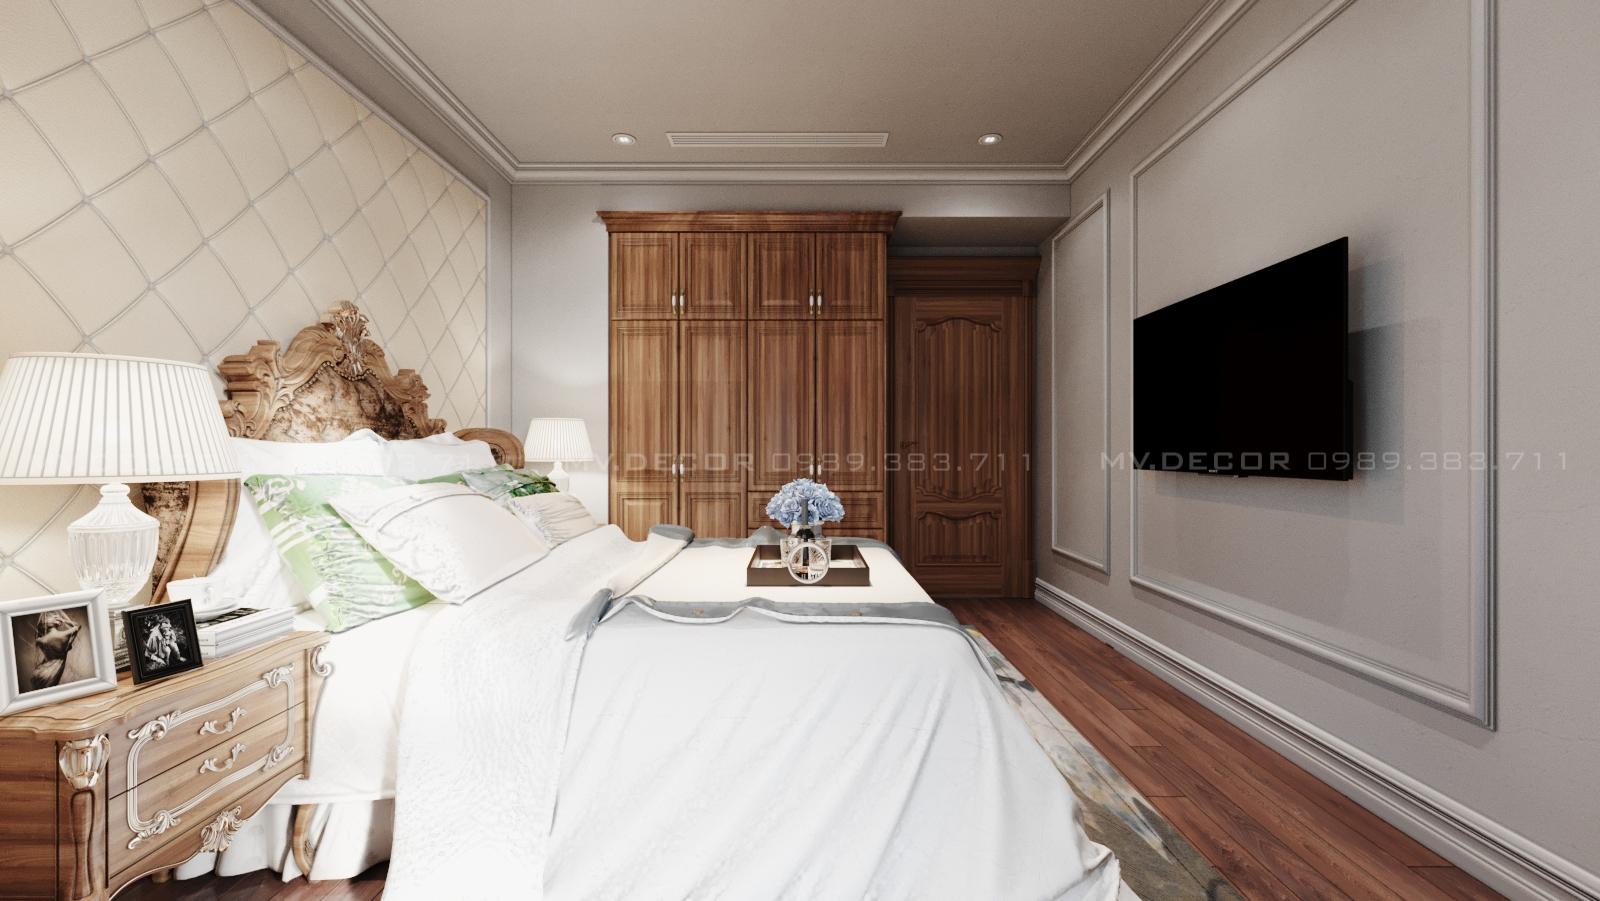 thiết kế nội thất Biệt Thự tại Hải Phòng BT VINHOME HẢI PHÒNG 29 1562719455